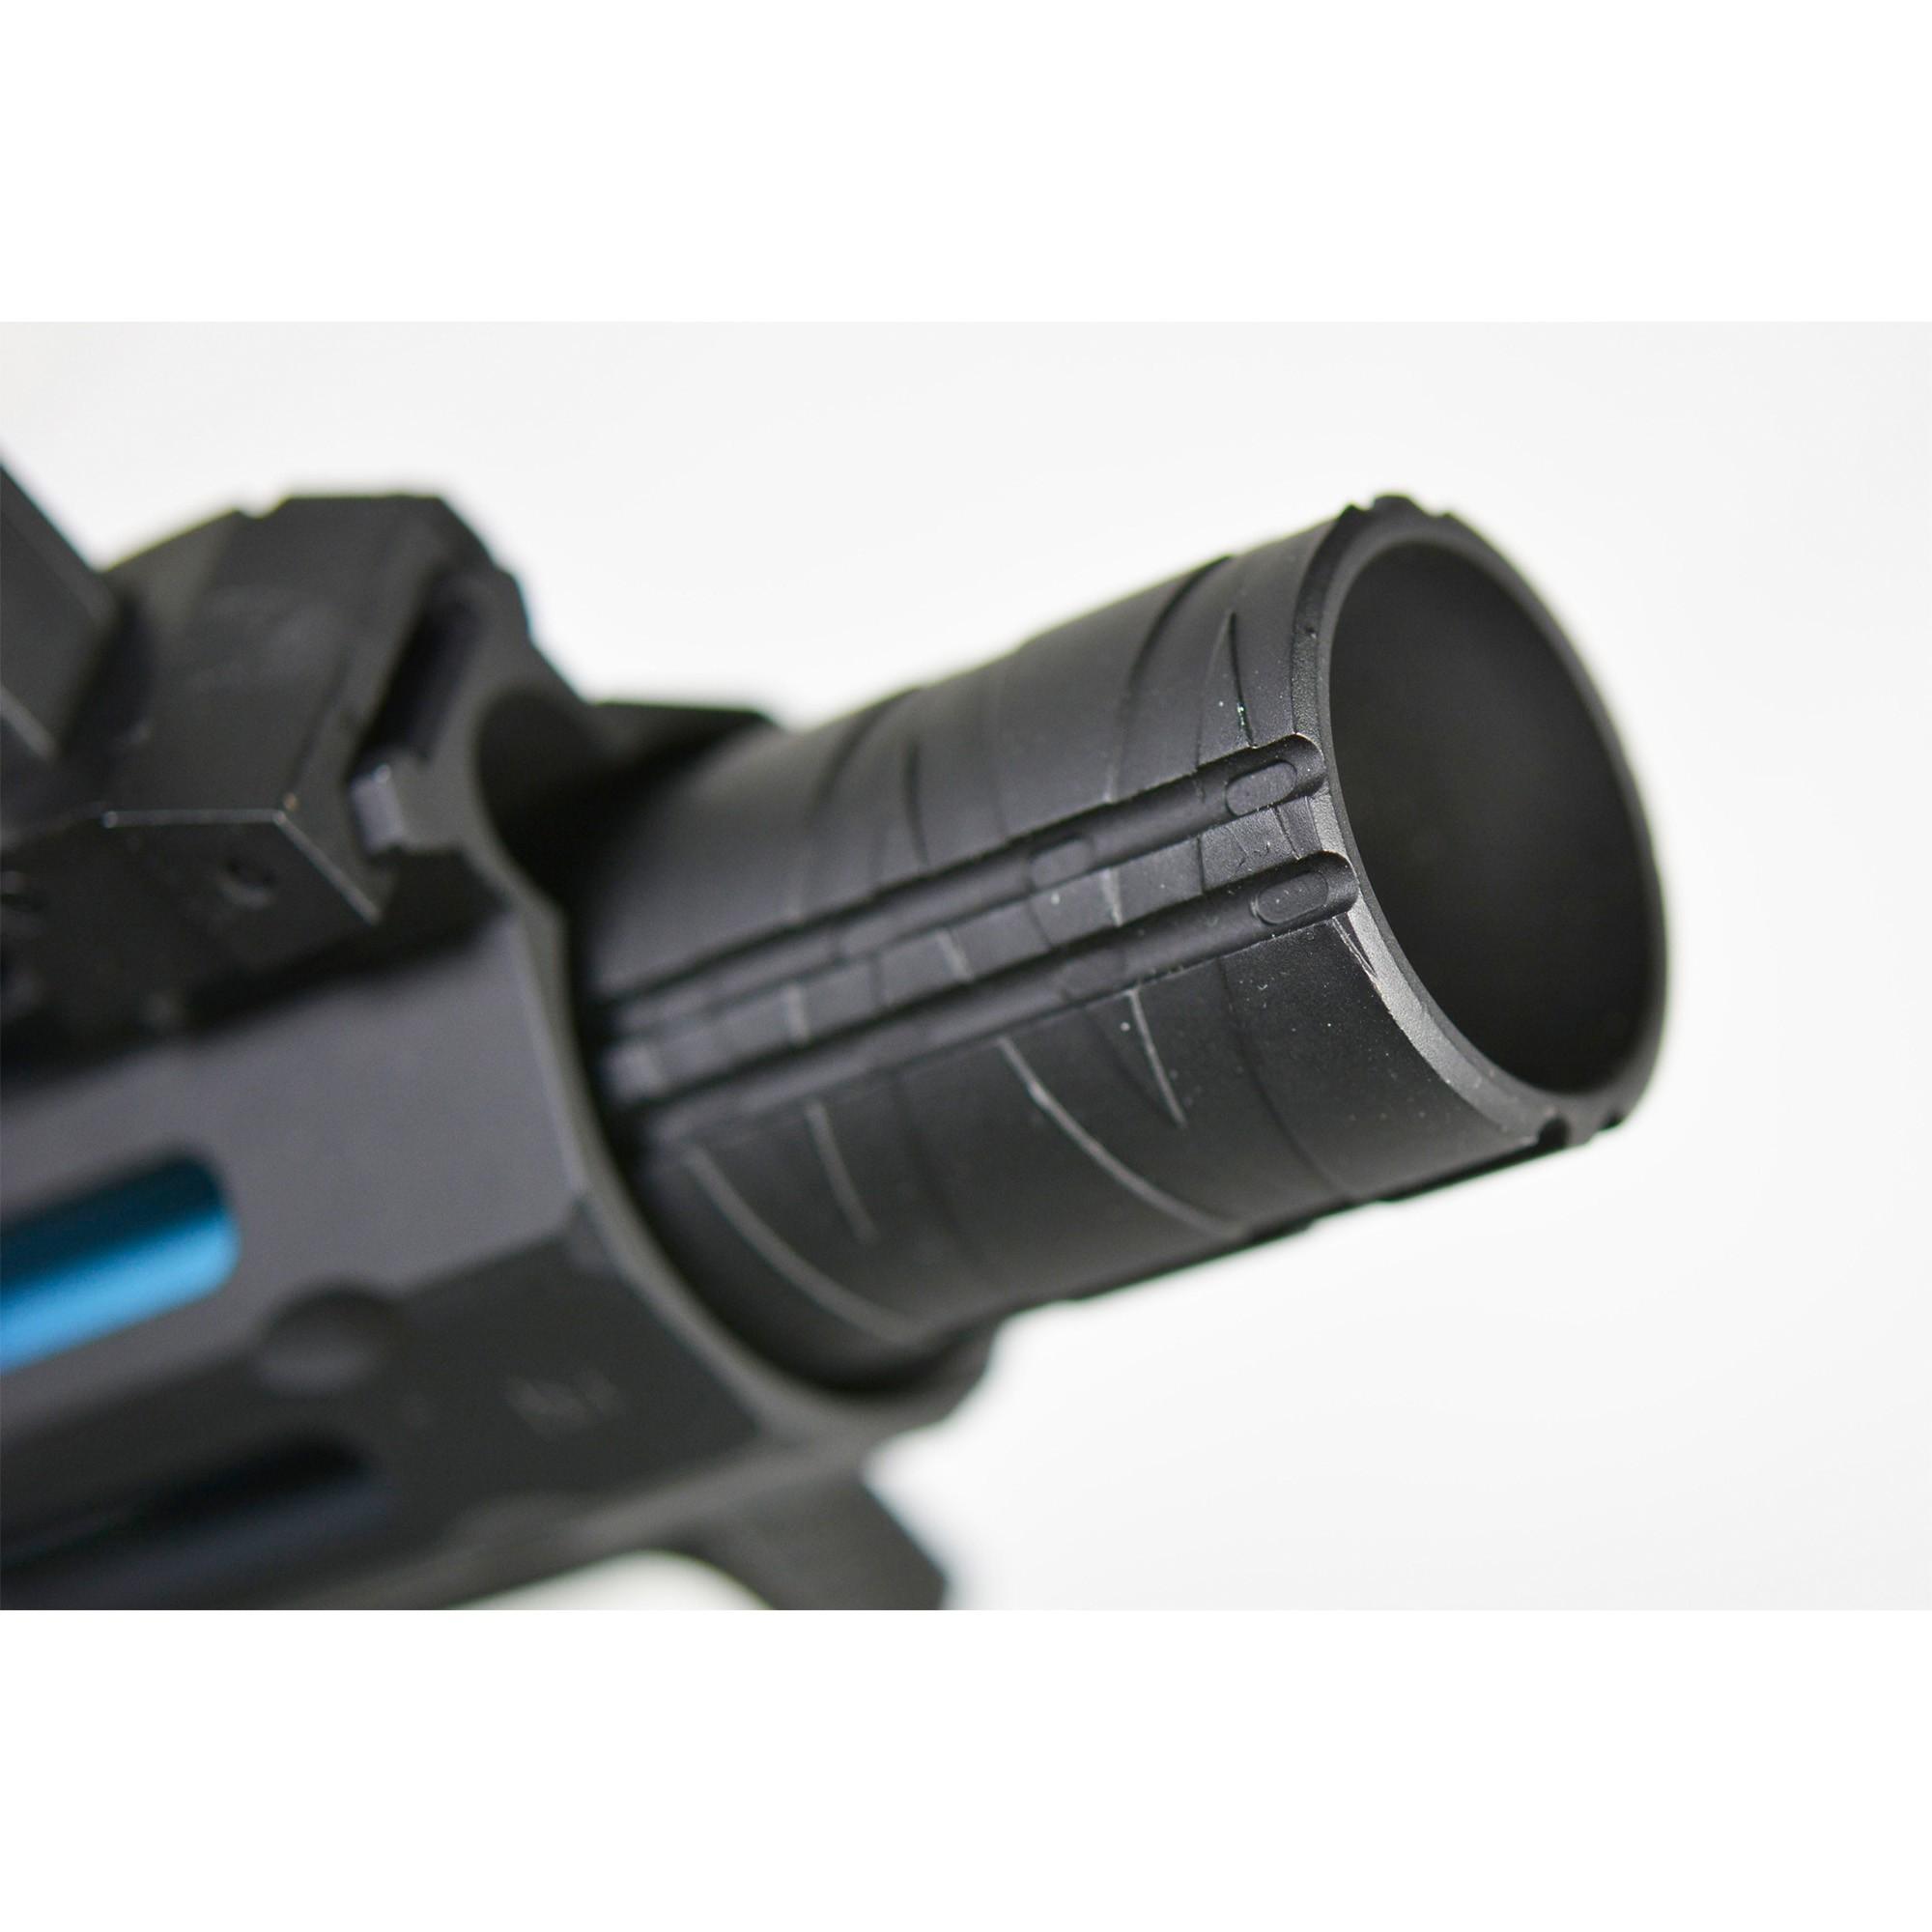 RIFLE DE AIRSOFT AEG M4 GHOST PATROL RIFLE FULL METAL BLOWBACK ASR122 - APS